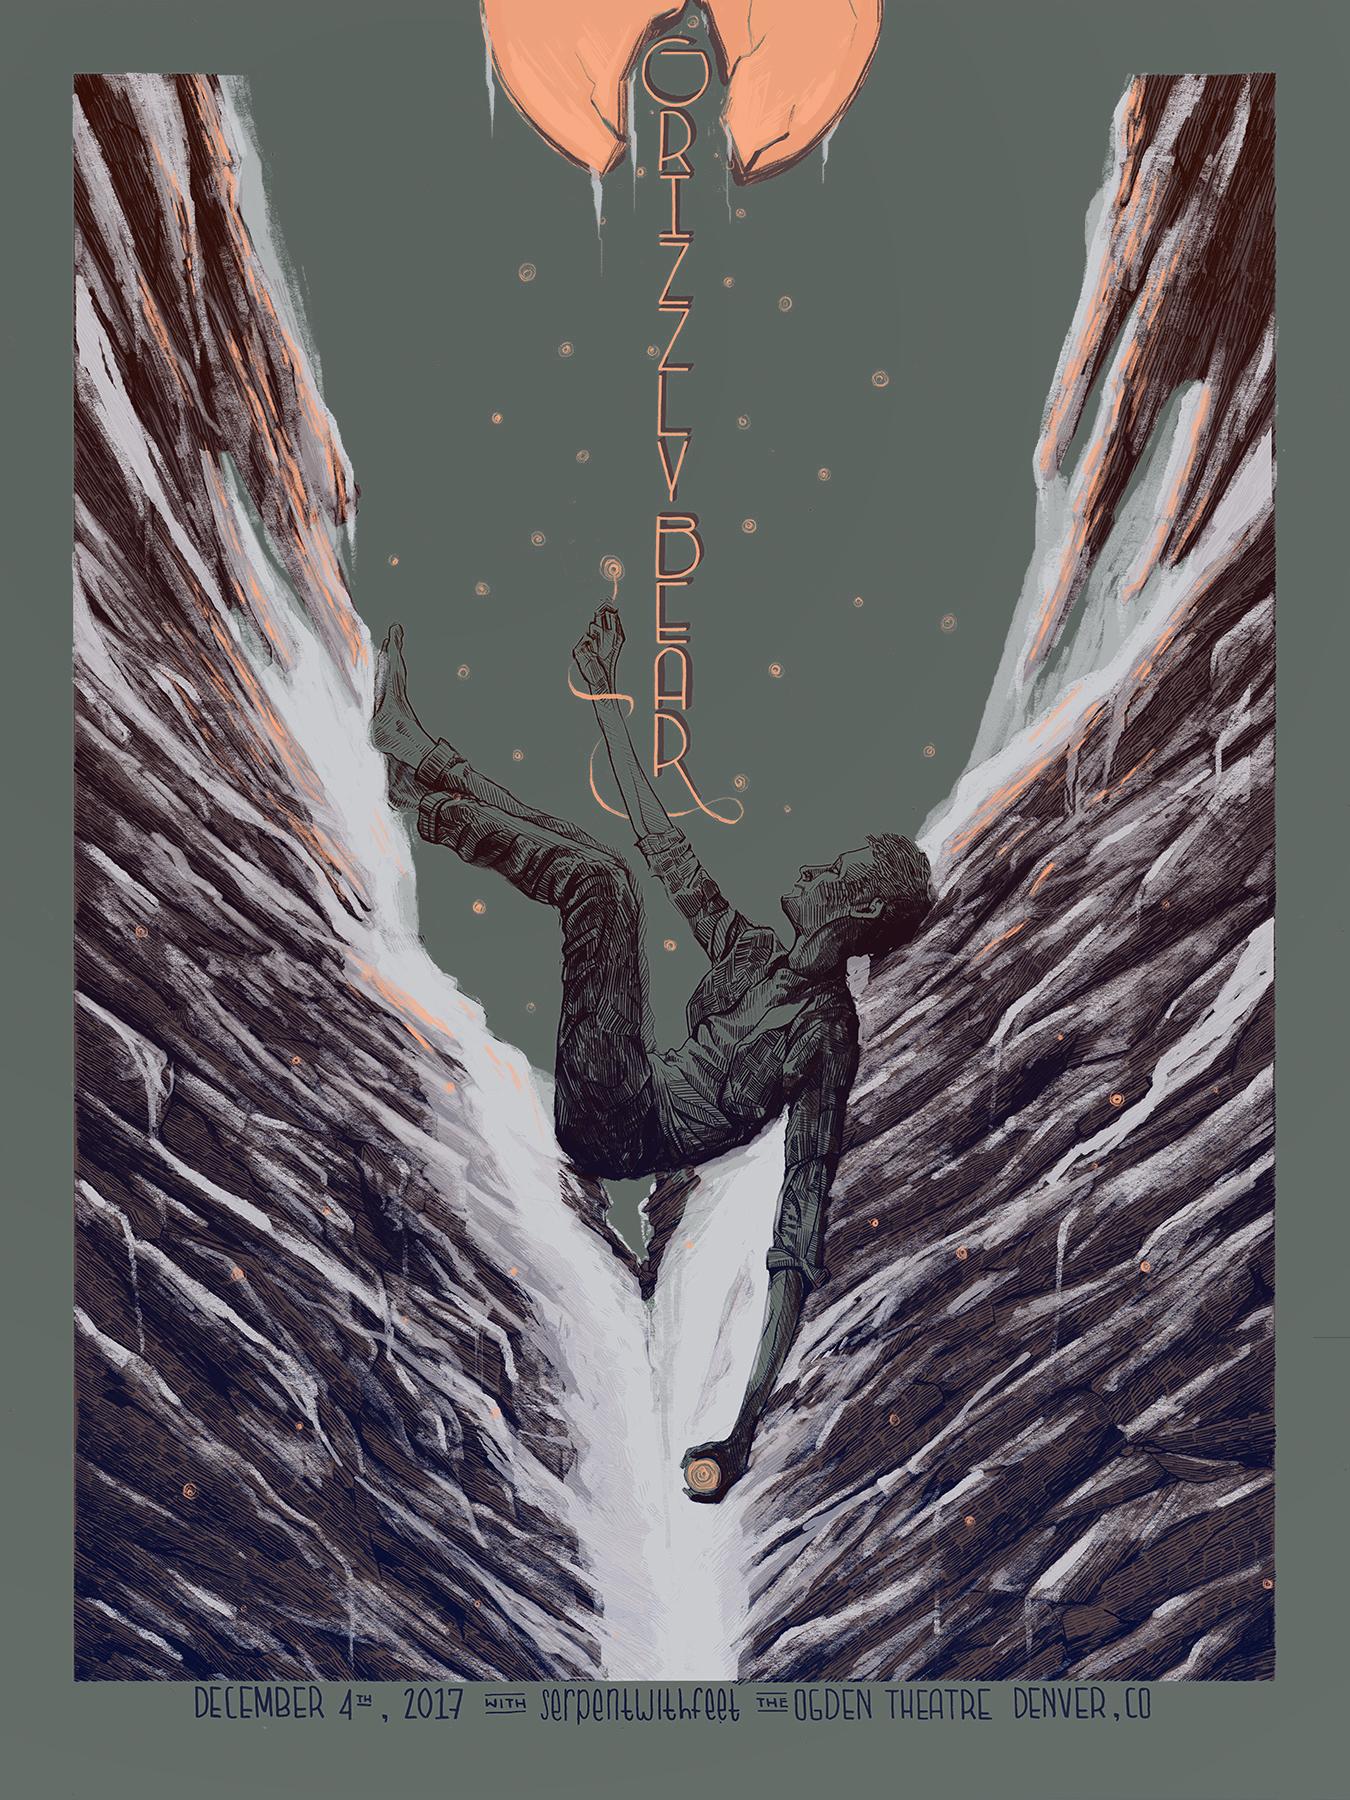 GrizzlyBear-Dec4-WEB.jpg